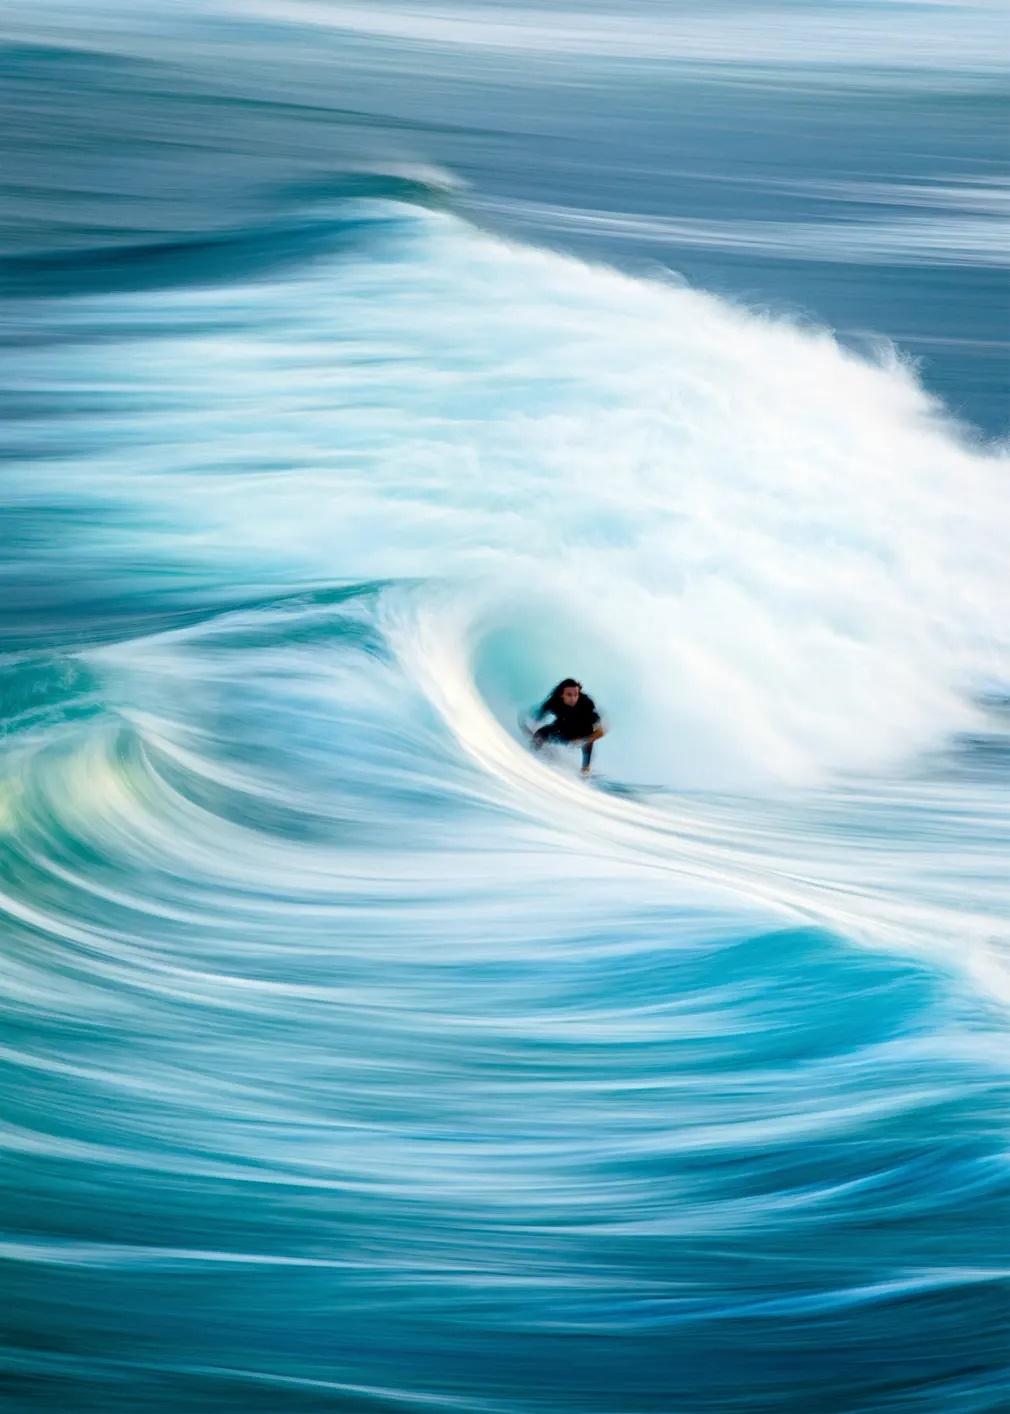 «O Μεταξένιος Σέρφερ». Στο City Beach της Νέας Νότιας Ουαλίας η φωτογραφία αποτυπώνει το νερό και τα κύματα σαν να είναι πραγματικά μεταξένια όπως είναι και ο τίτλος της φωτογραφίας